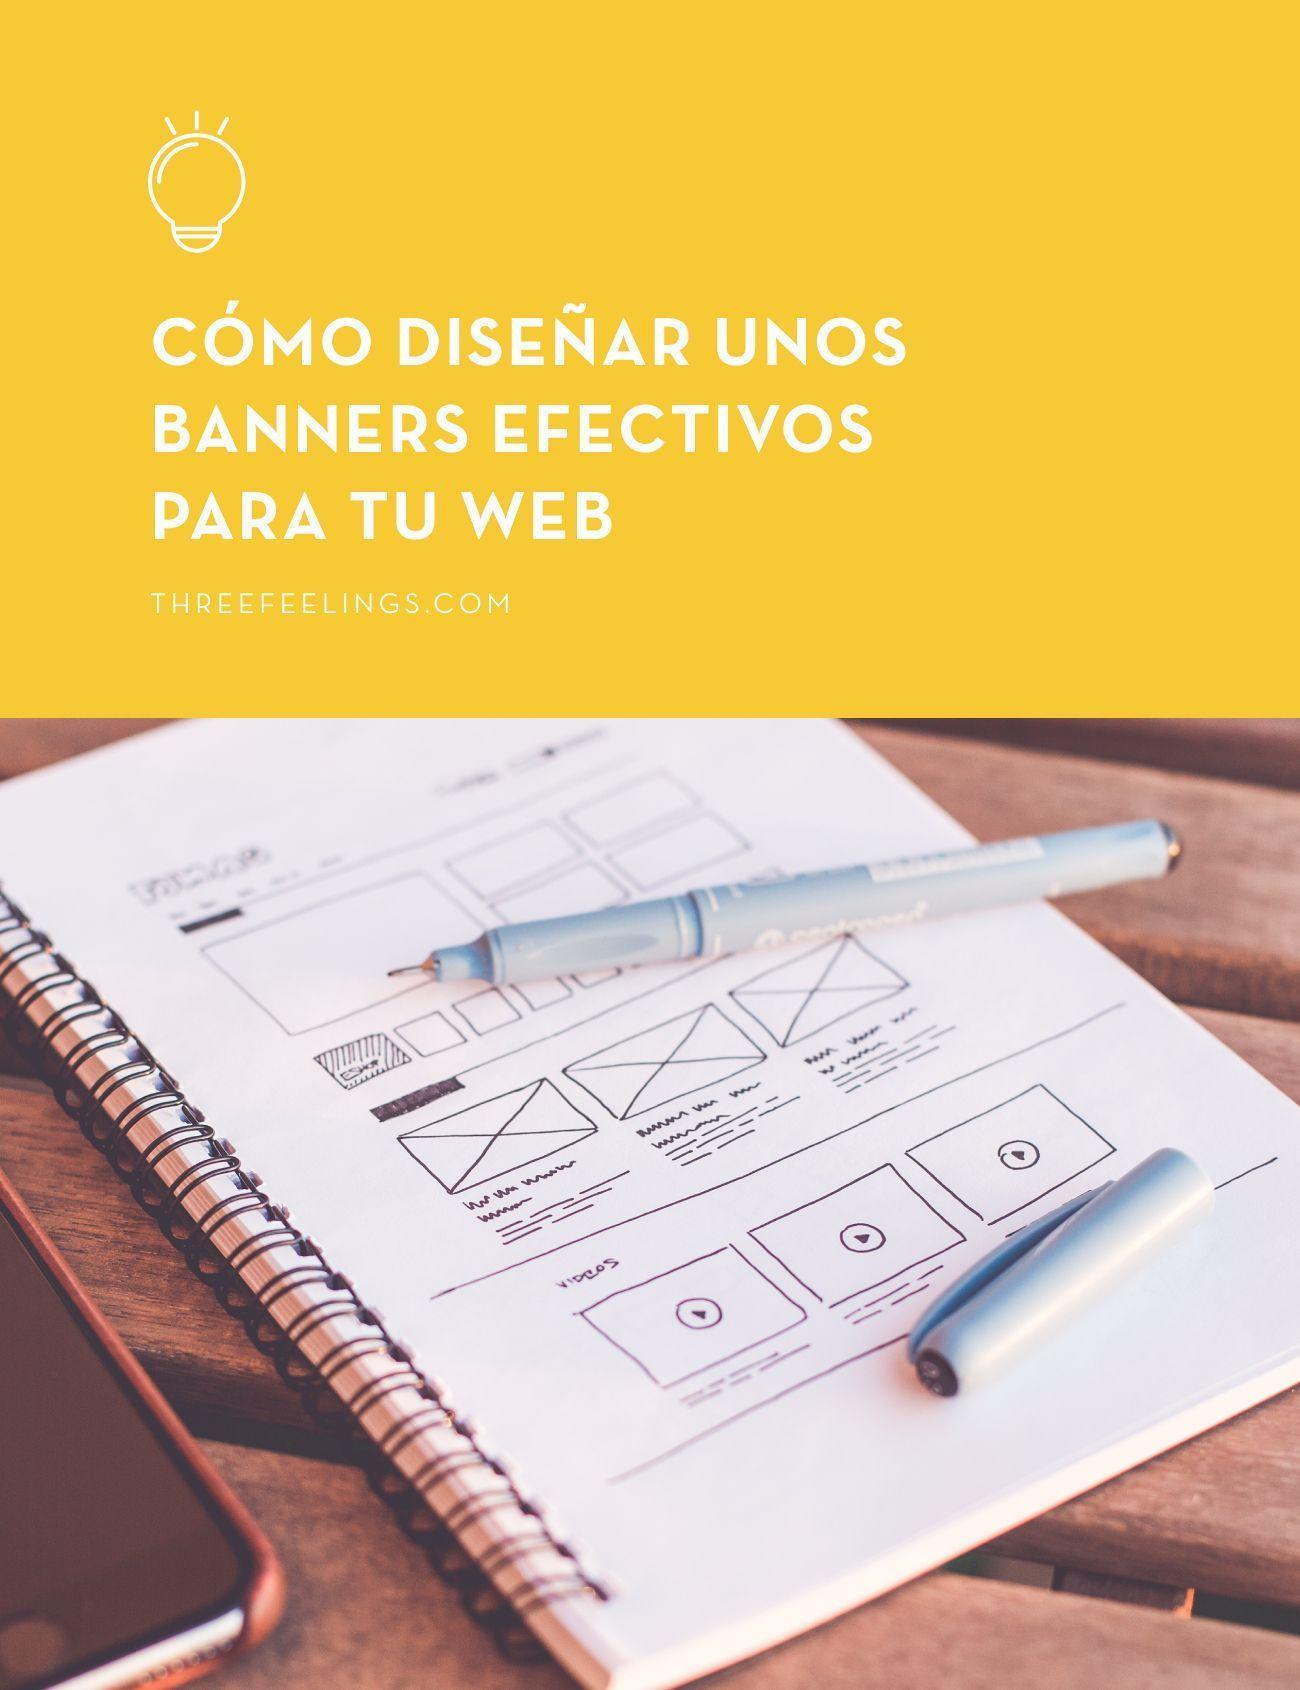 Cómo diseñar banners efectivos